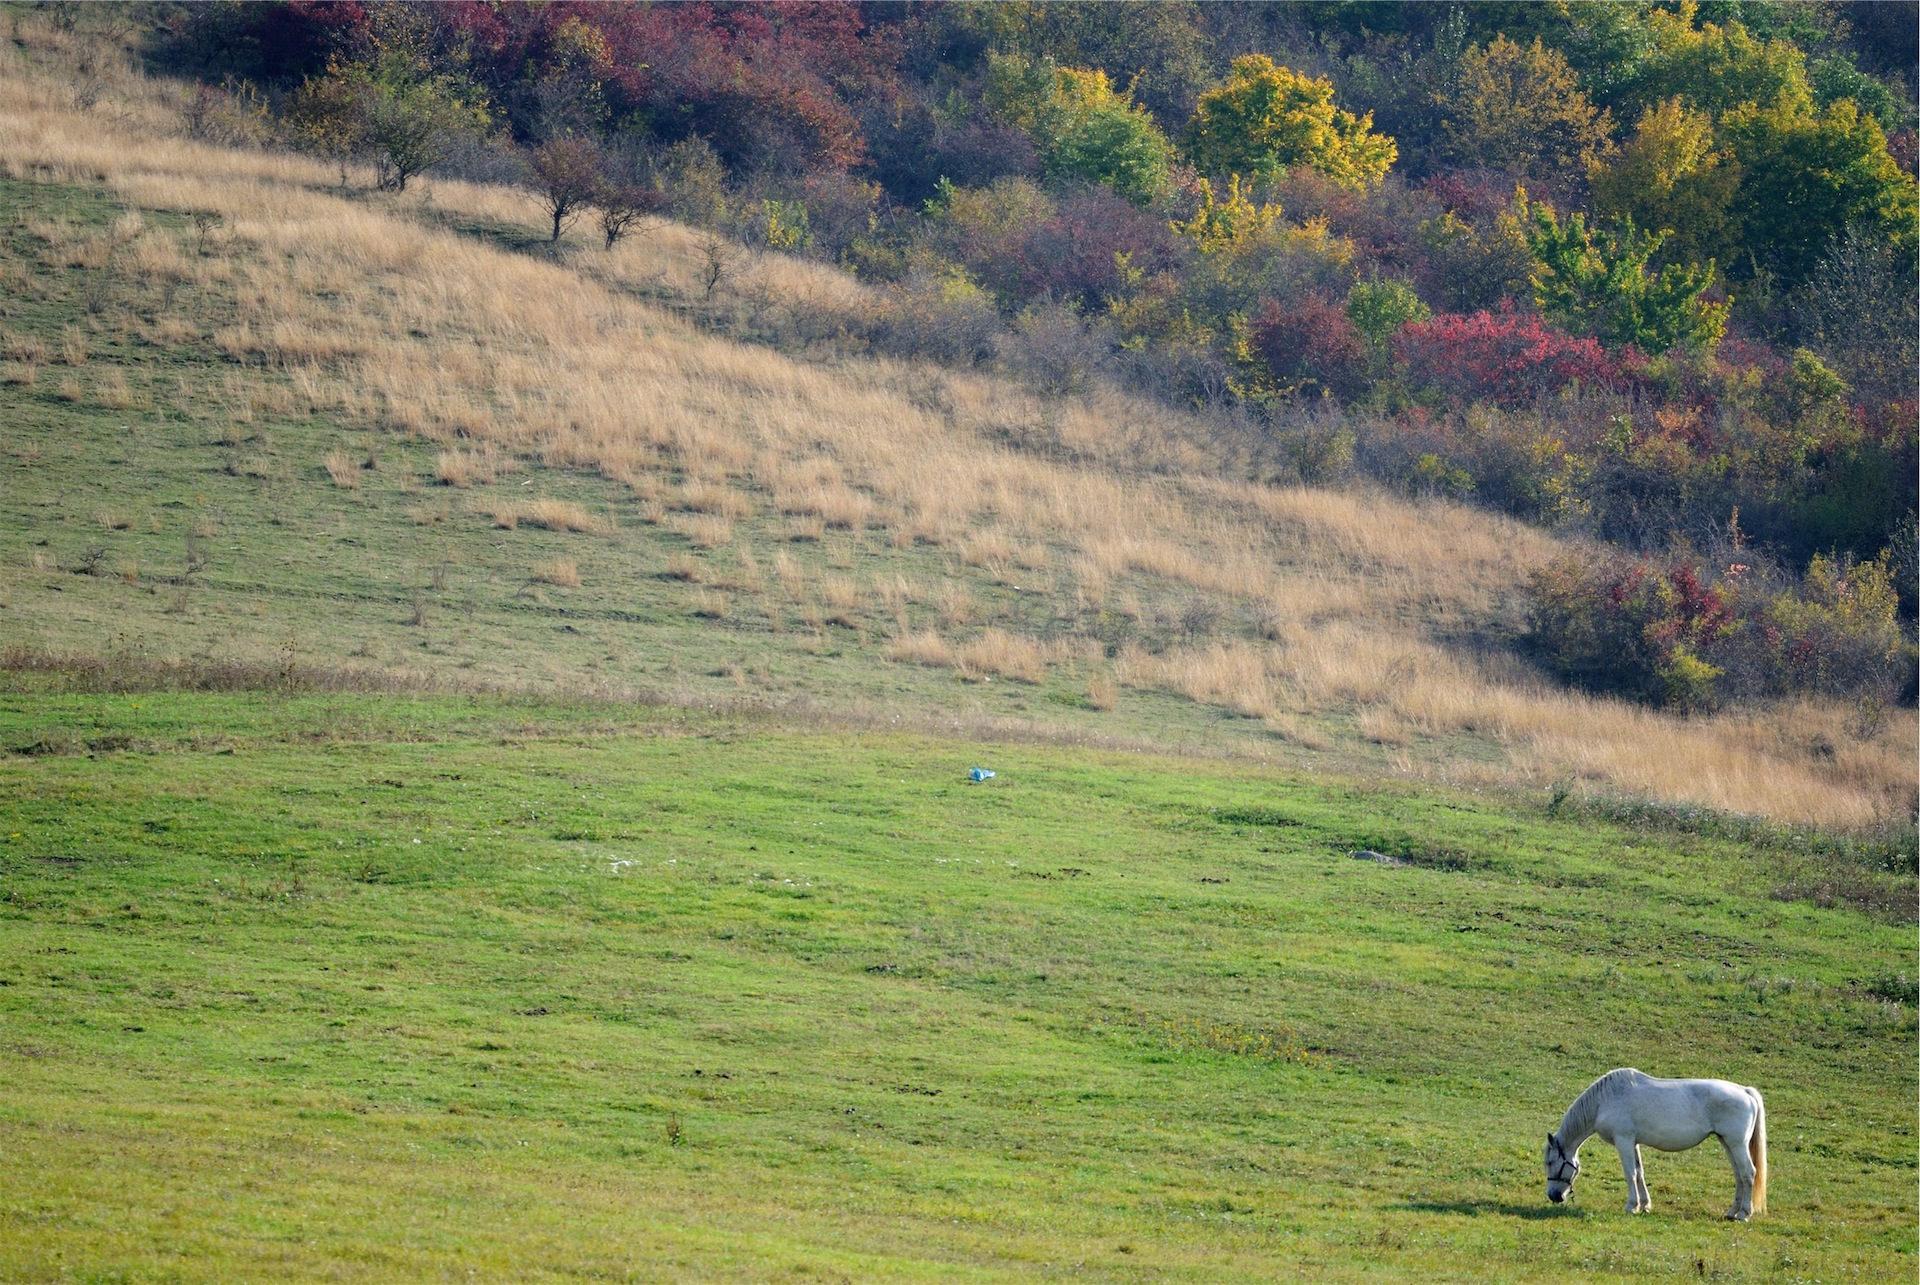 άλογο, Pradera, Κοιλάδα, απόσταση, Λευκό - Wallpapers HD - Professor-falken.com